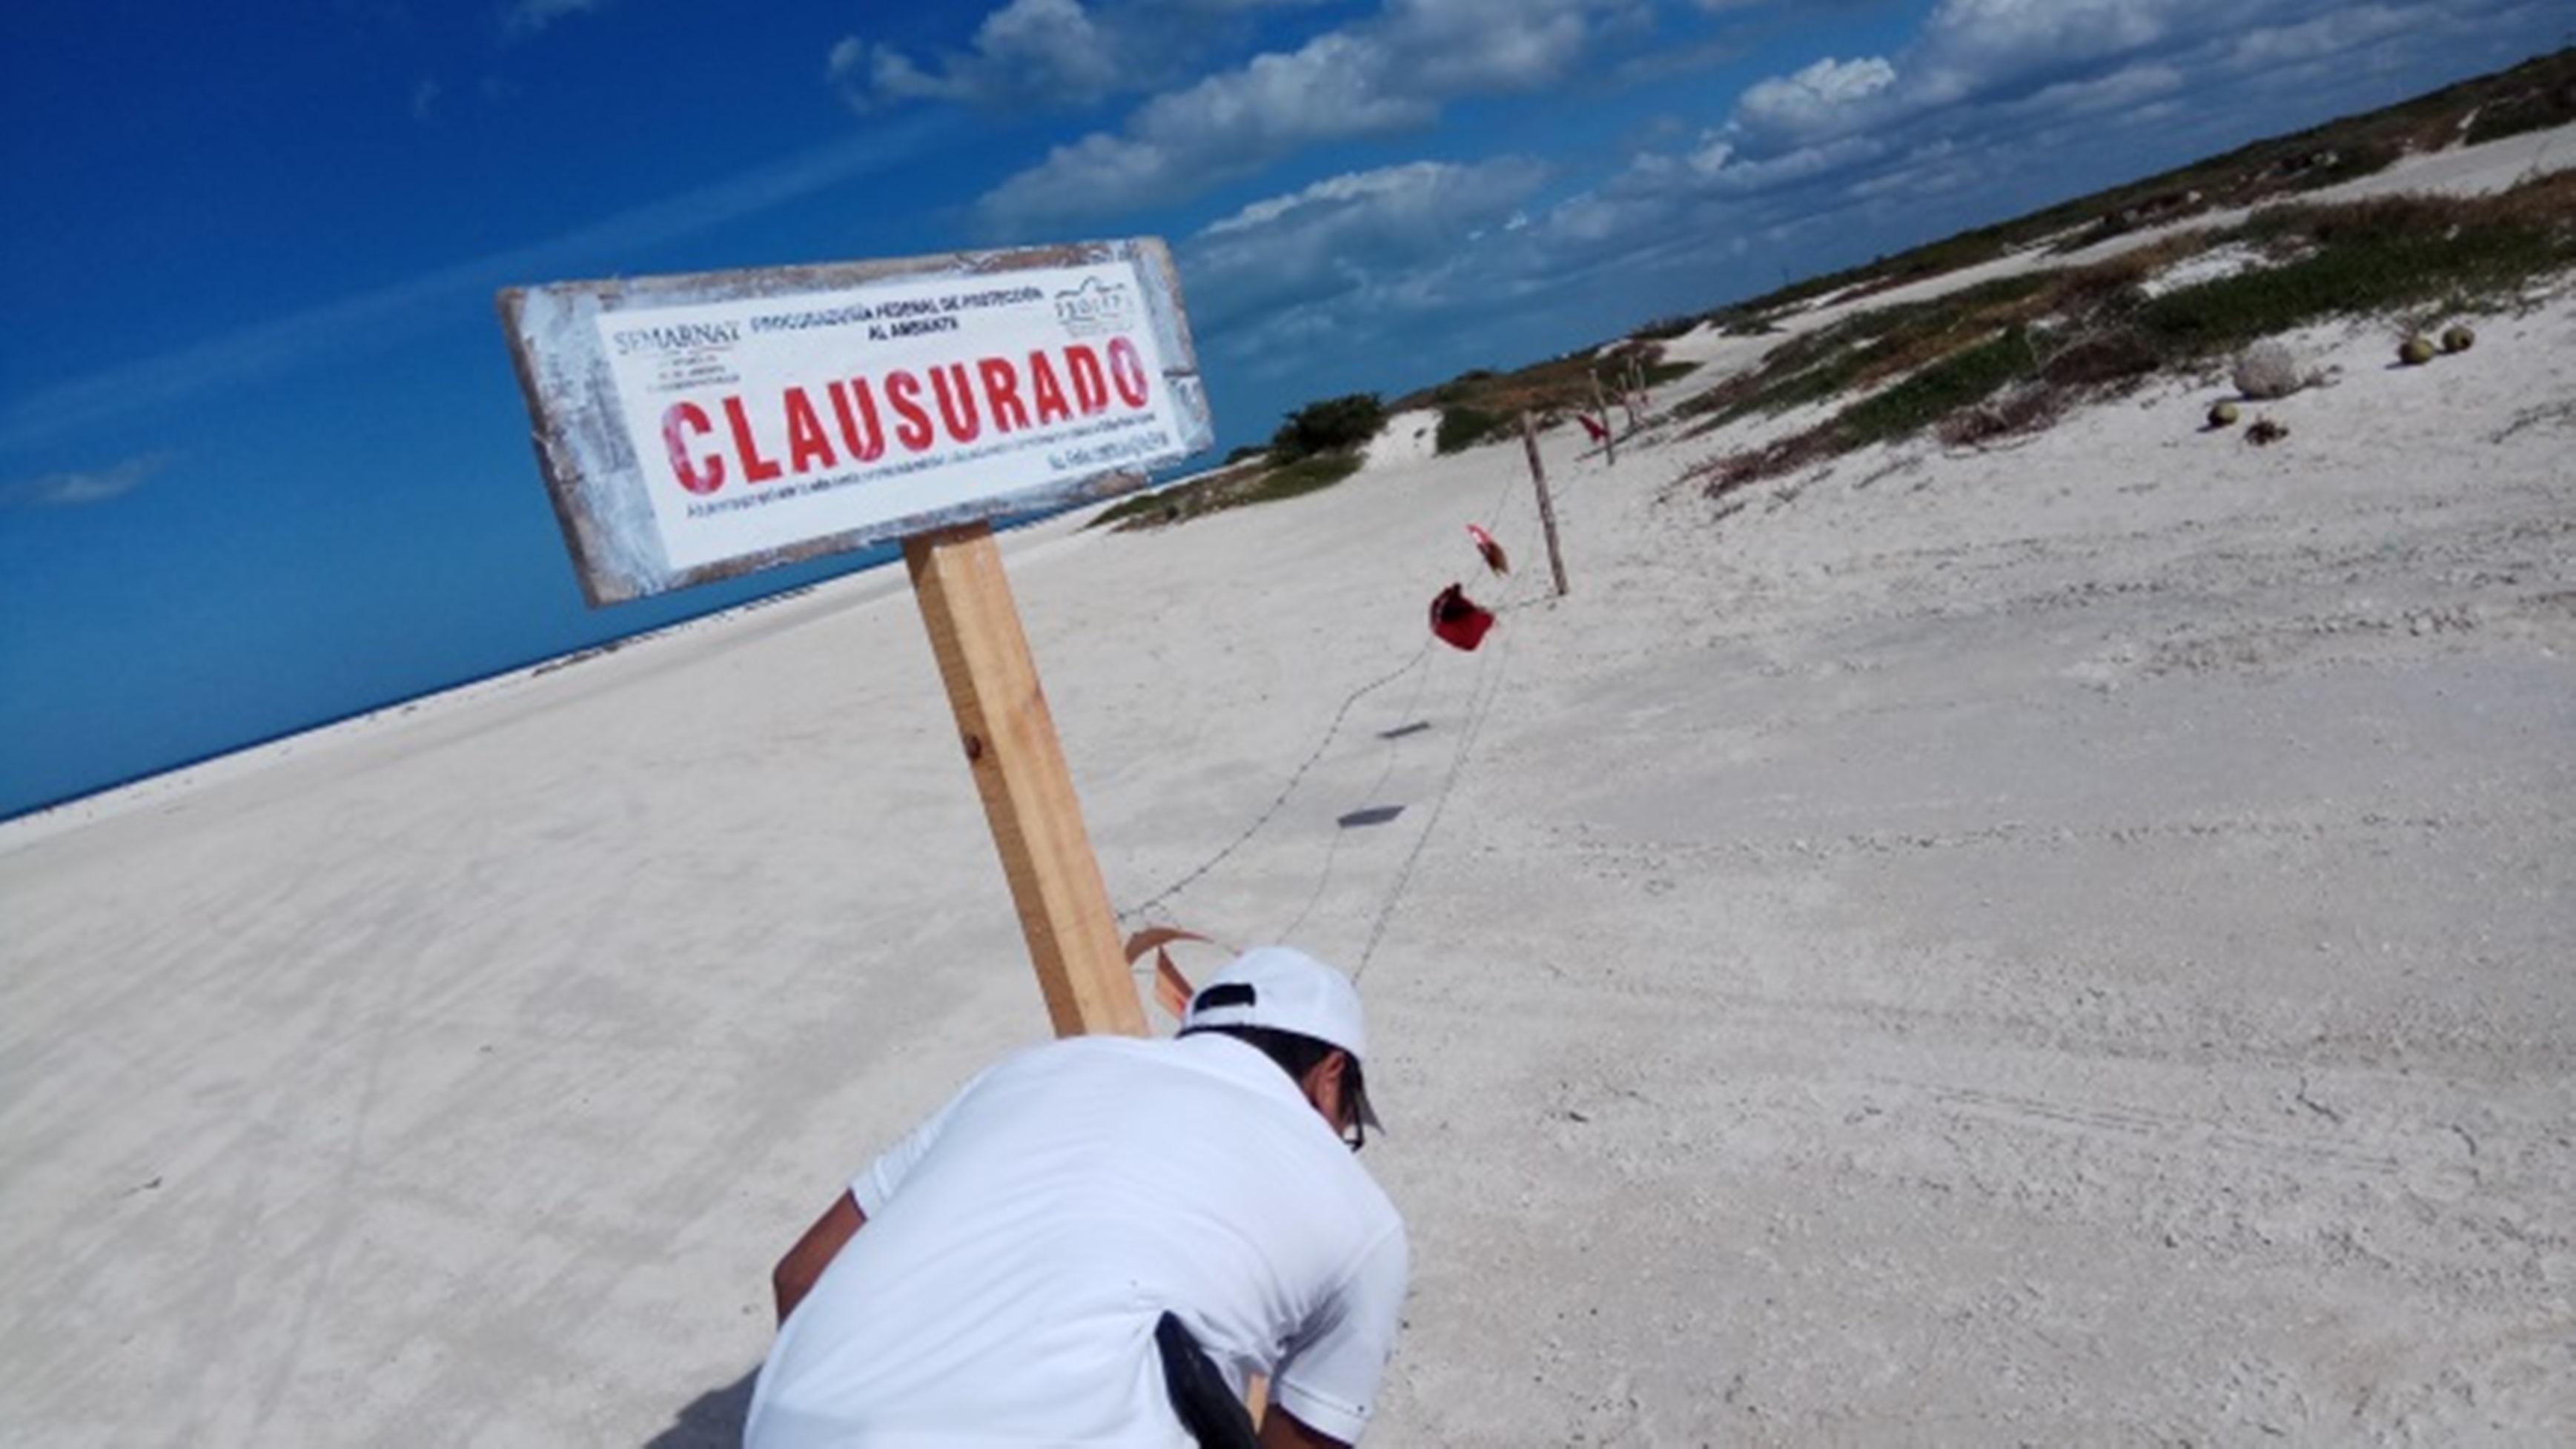 Clausura Profepa 5.2 hectáreas por delimitación ilegal en Chuburná Puerto